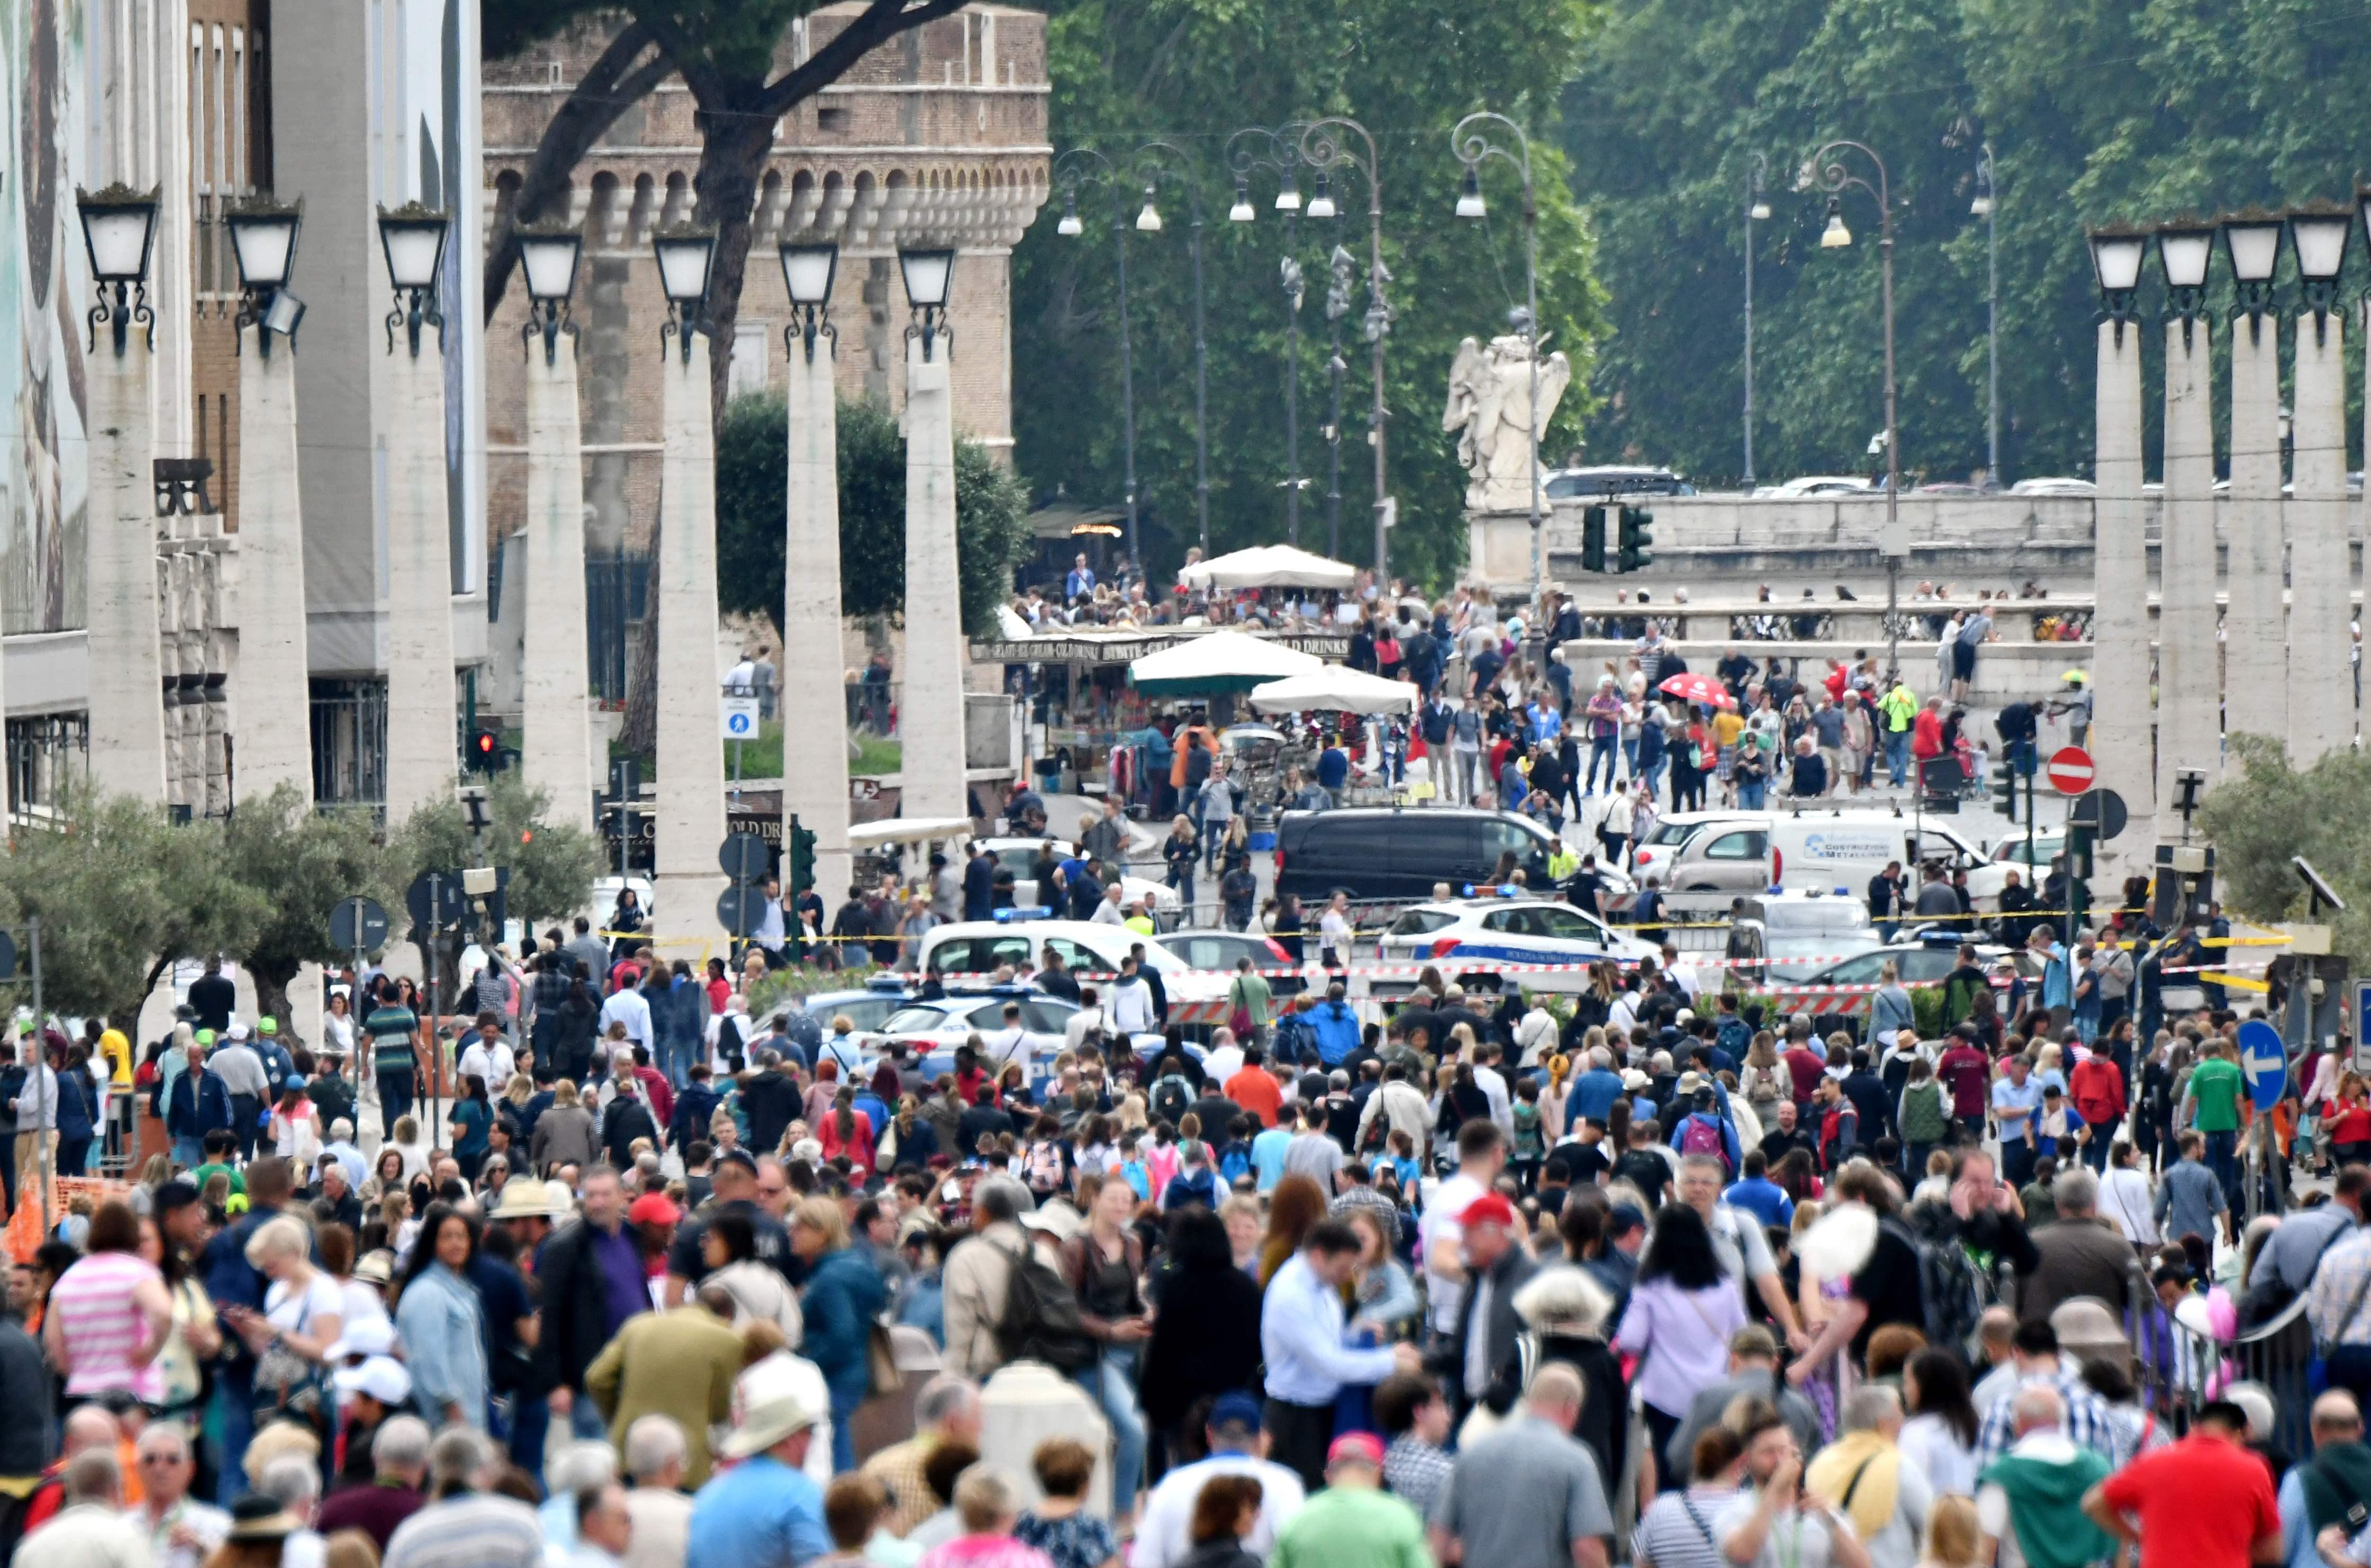 1287476-صور-انذار-قرب-الفاتيكان-بسبب-العثور-على-قنبلة-(9)